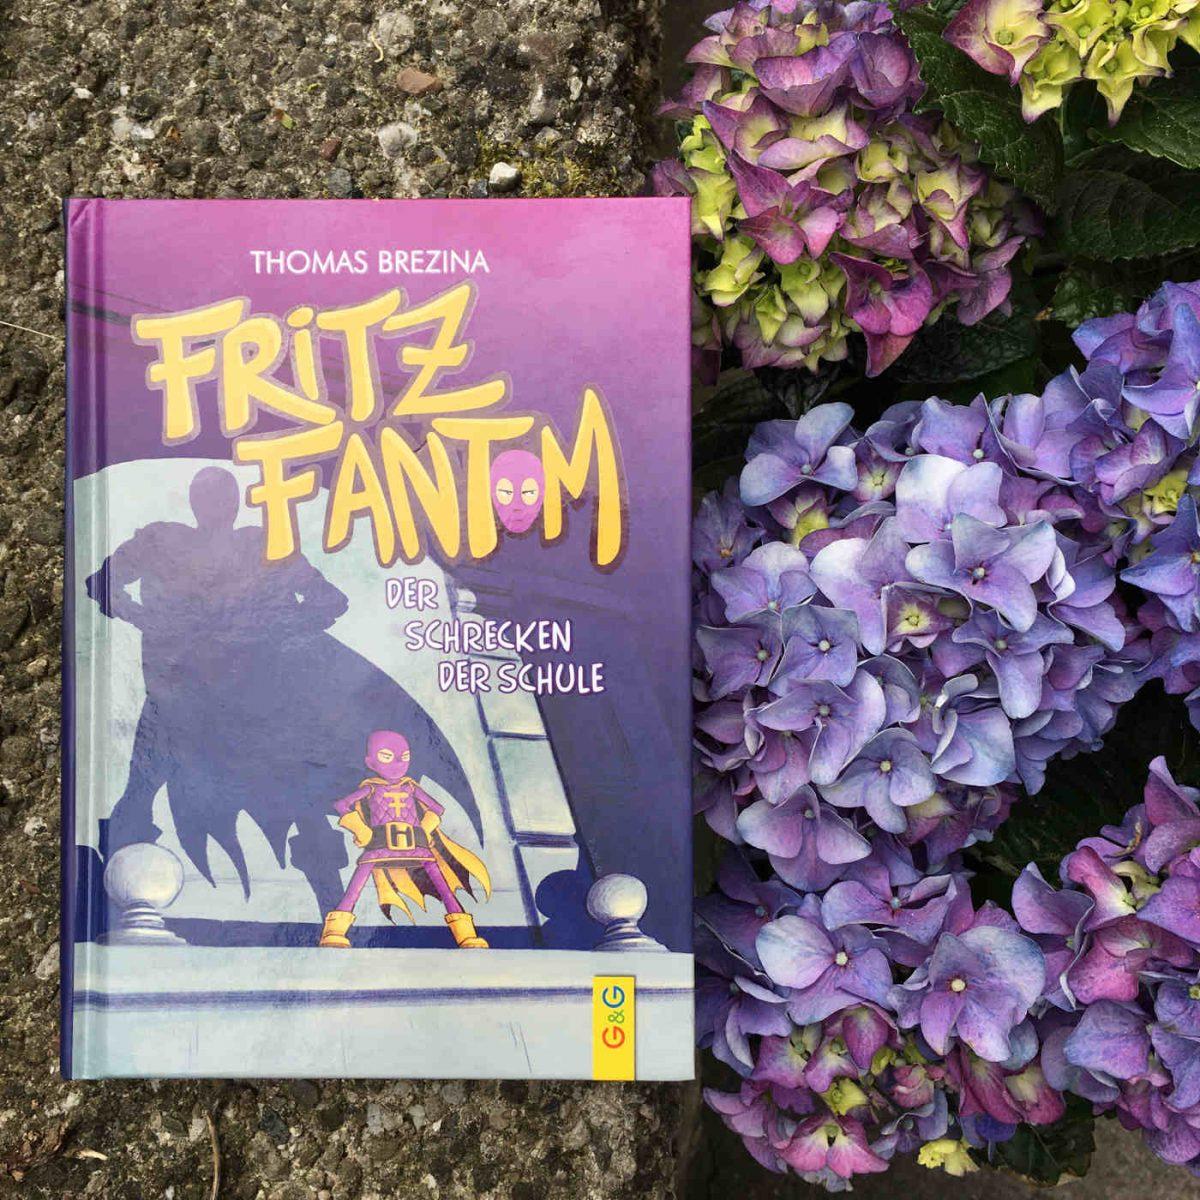 Thomas Brezina: Fritz Fantom – der Schrecken der Schule